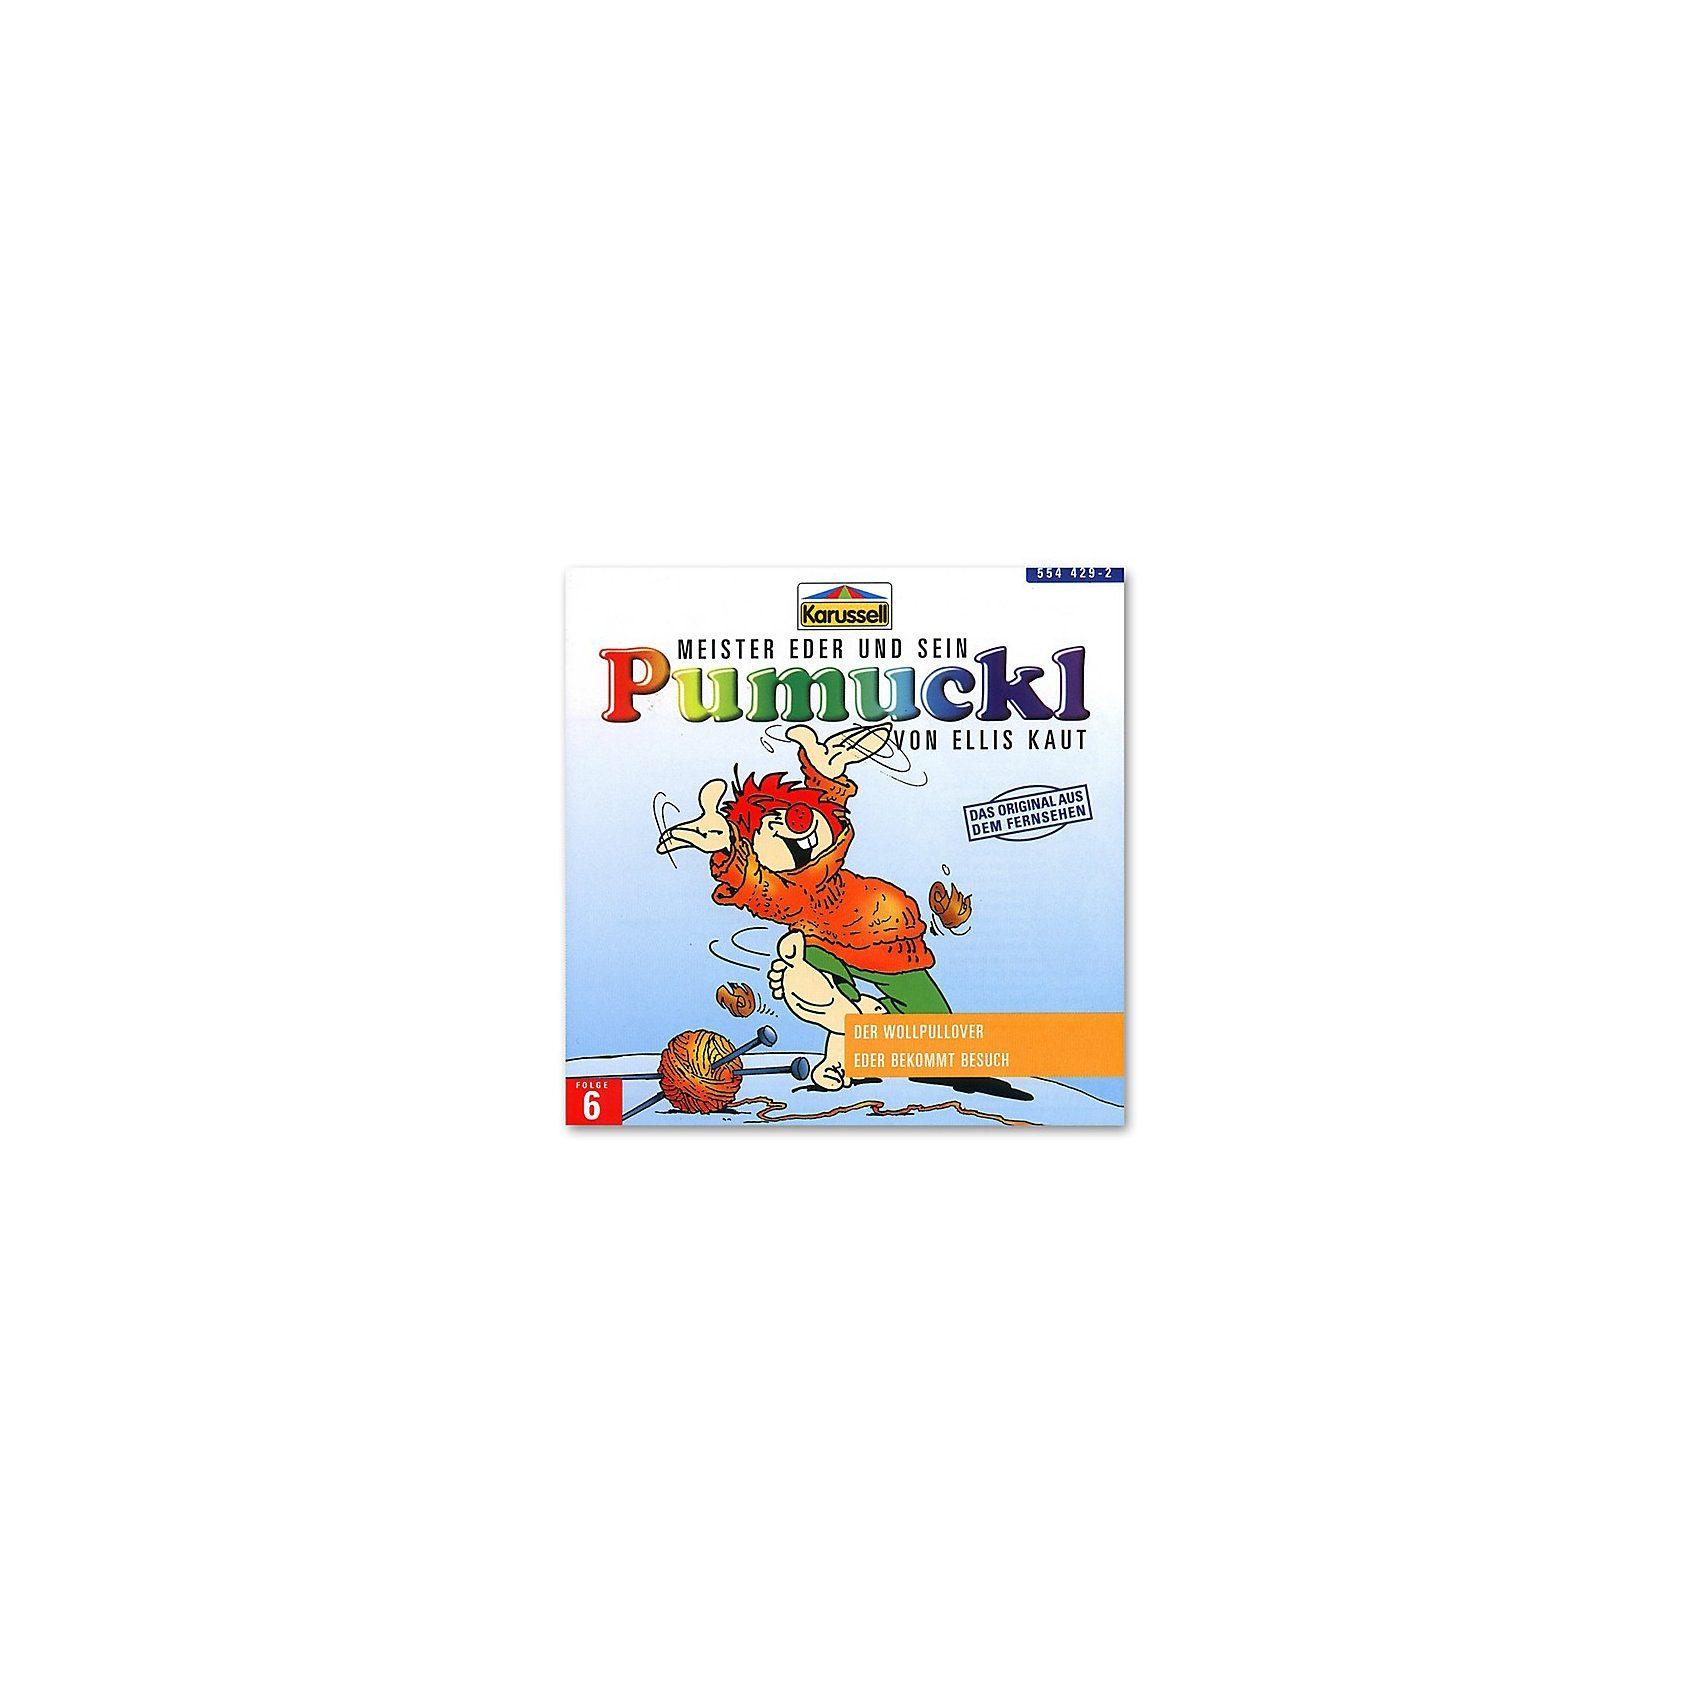 Universal CD Pumuckl 06 - der Wollpullover